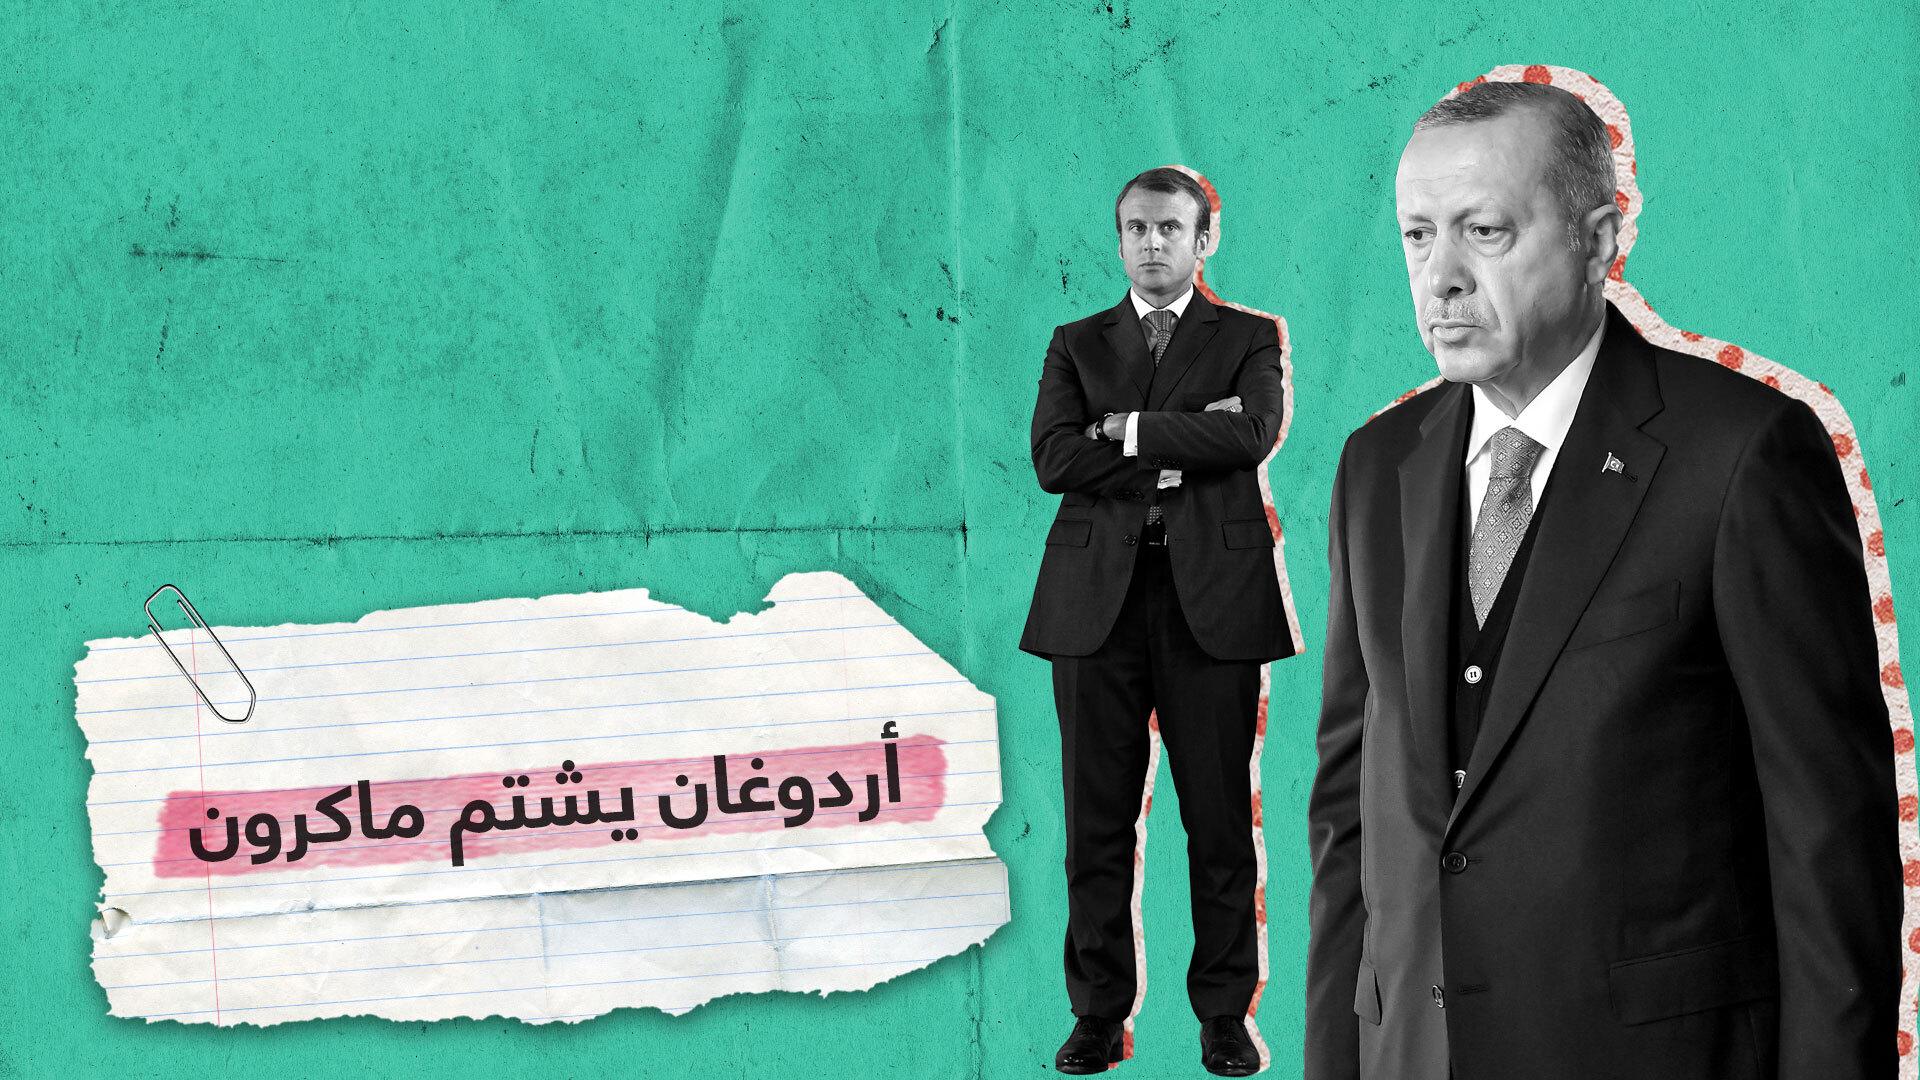 أردوغان لماكرون: أنت جاهل وتعيش موتا دماغيا!